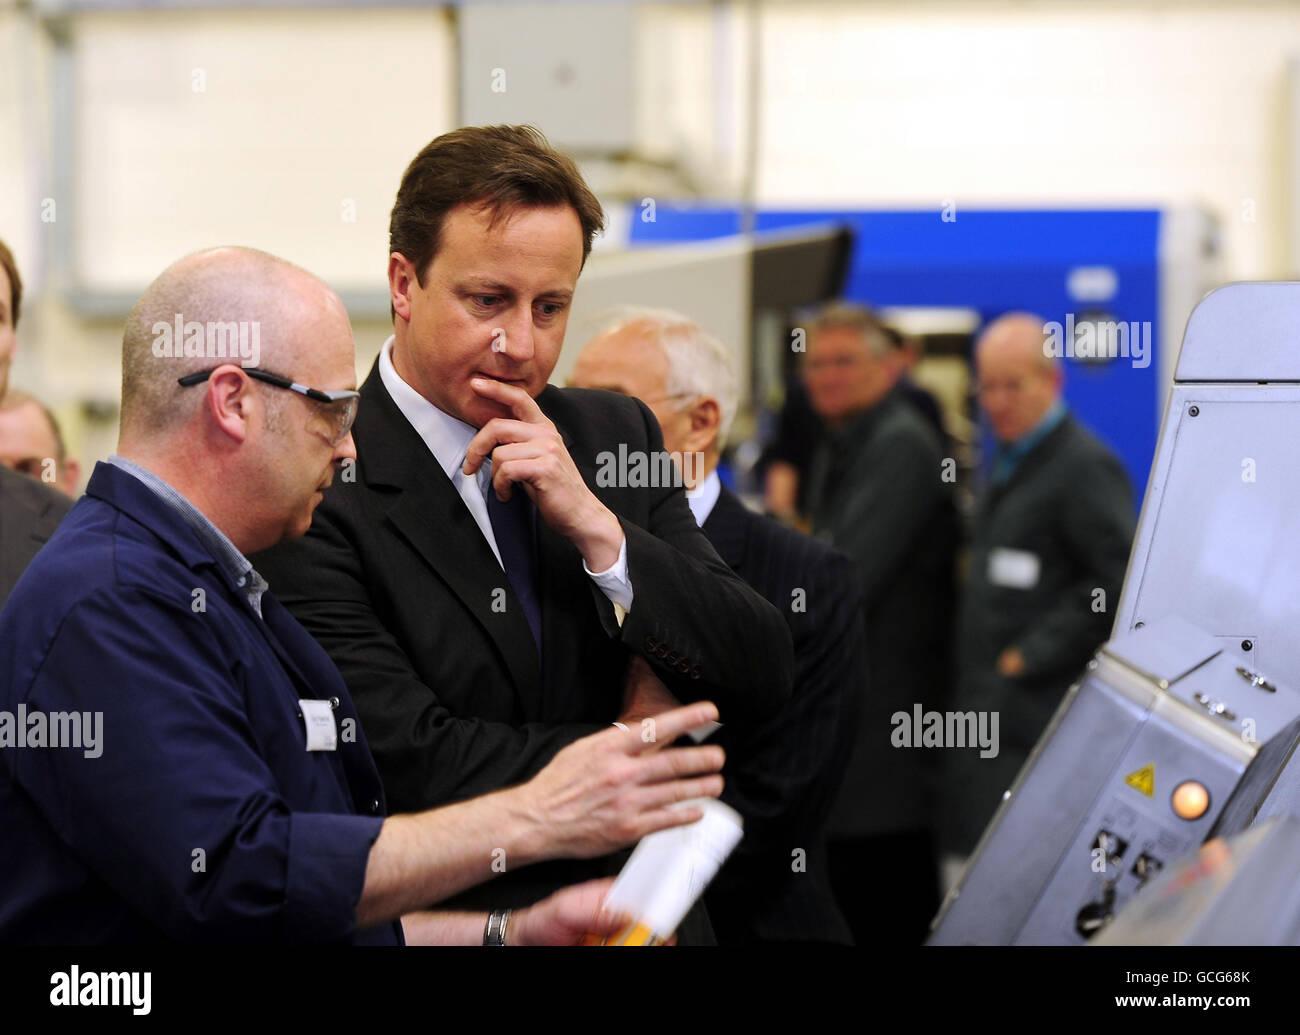 Le Premier ministre David Cameron se rend dans l'atelier alors que le travail se poursuit dans le bâtiment Surgical innovations de Leeds, les fabricants d'équipements médicaux de haute technologie Make. Banque D'Images